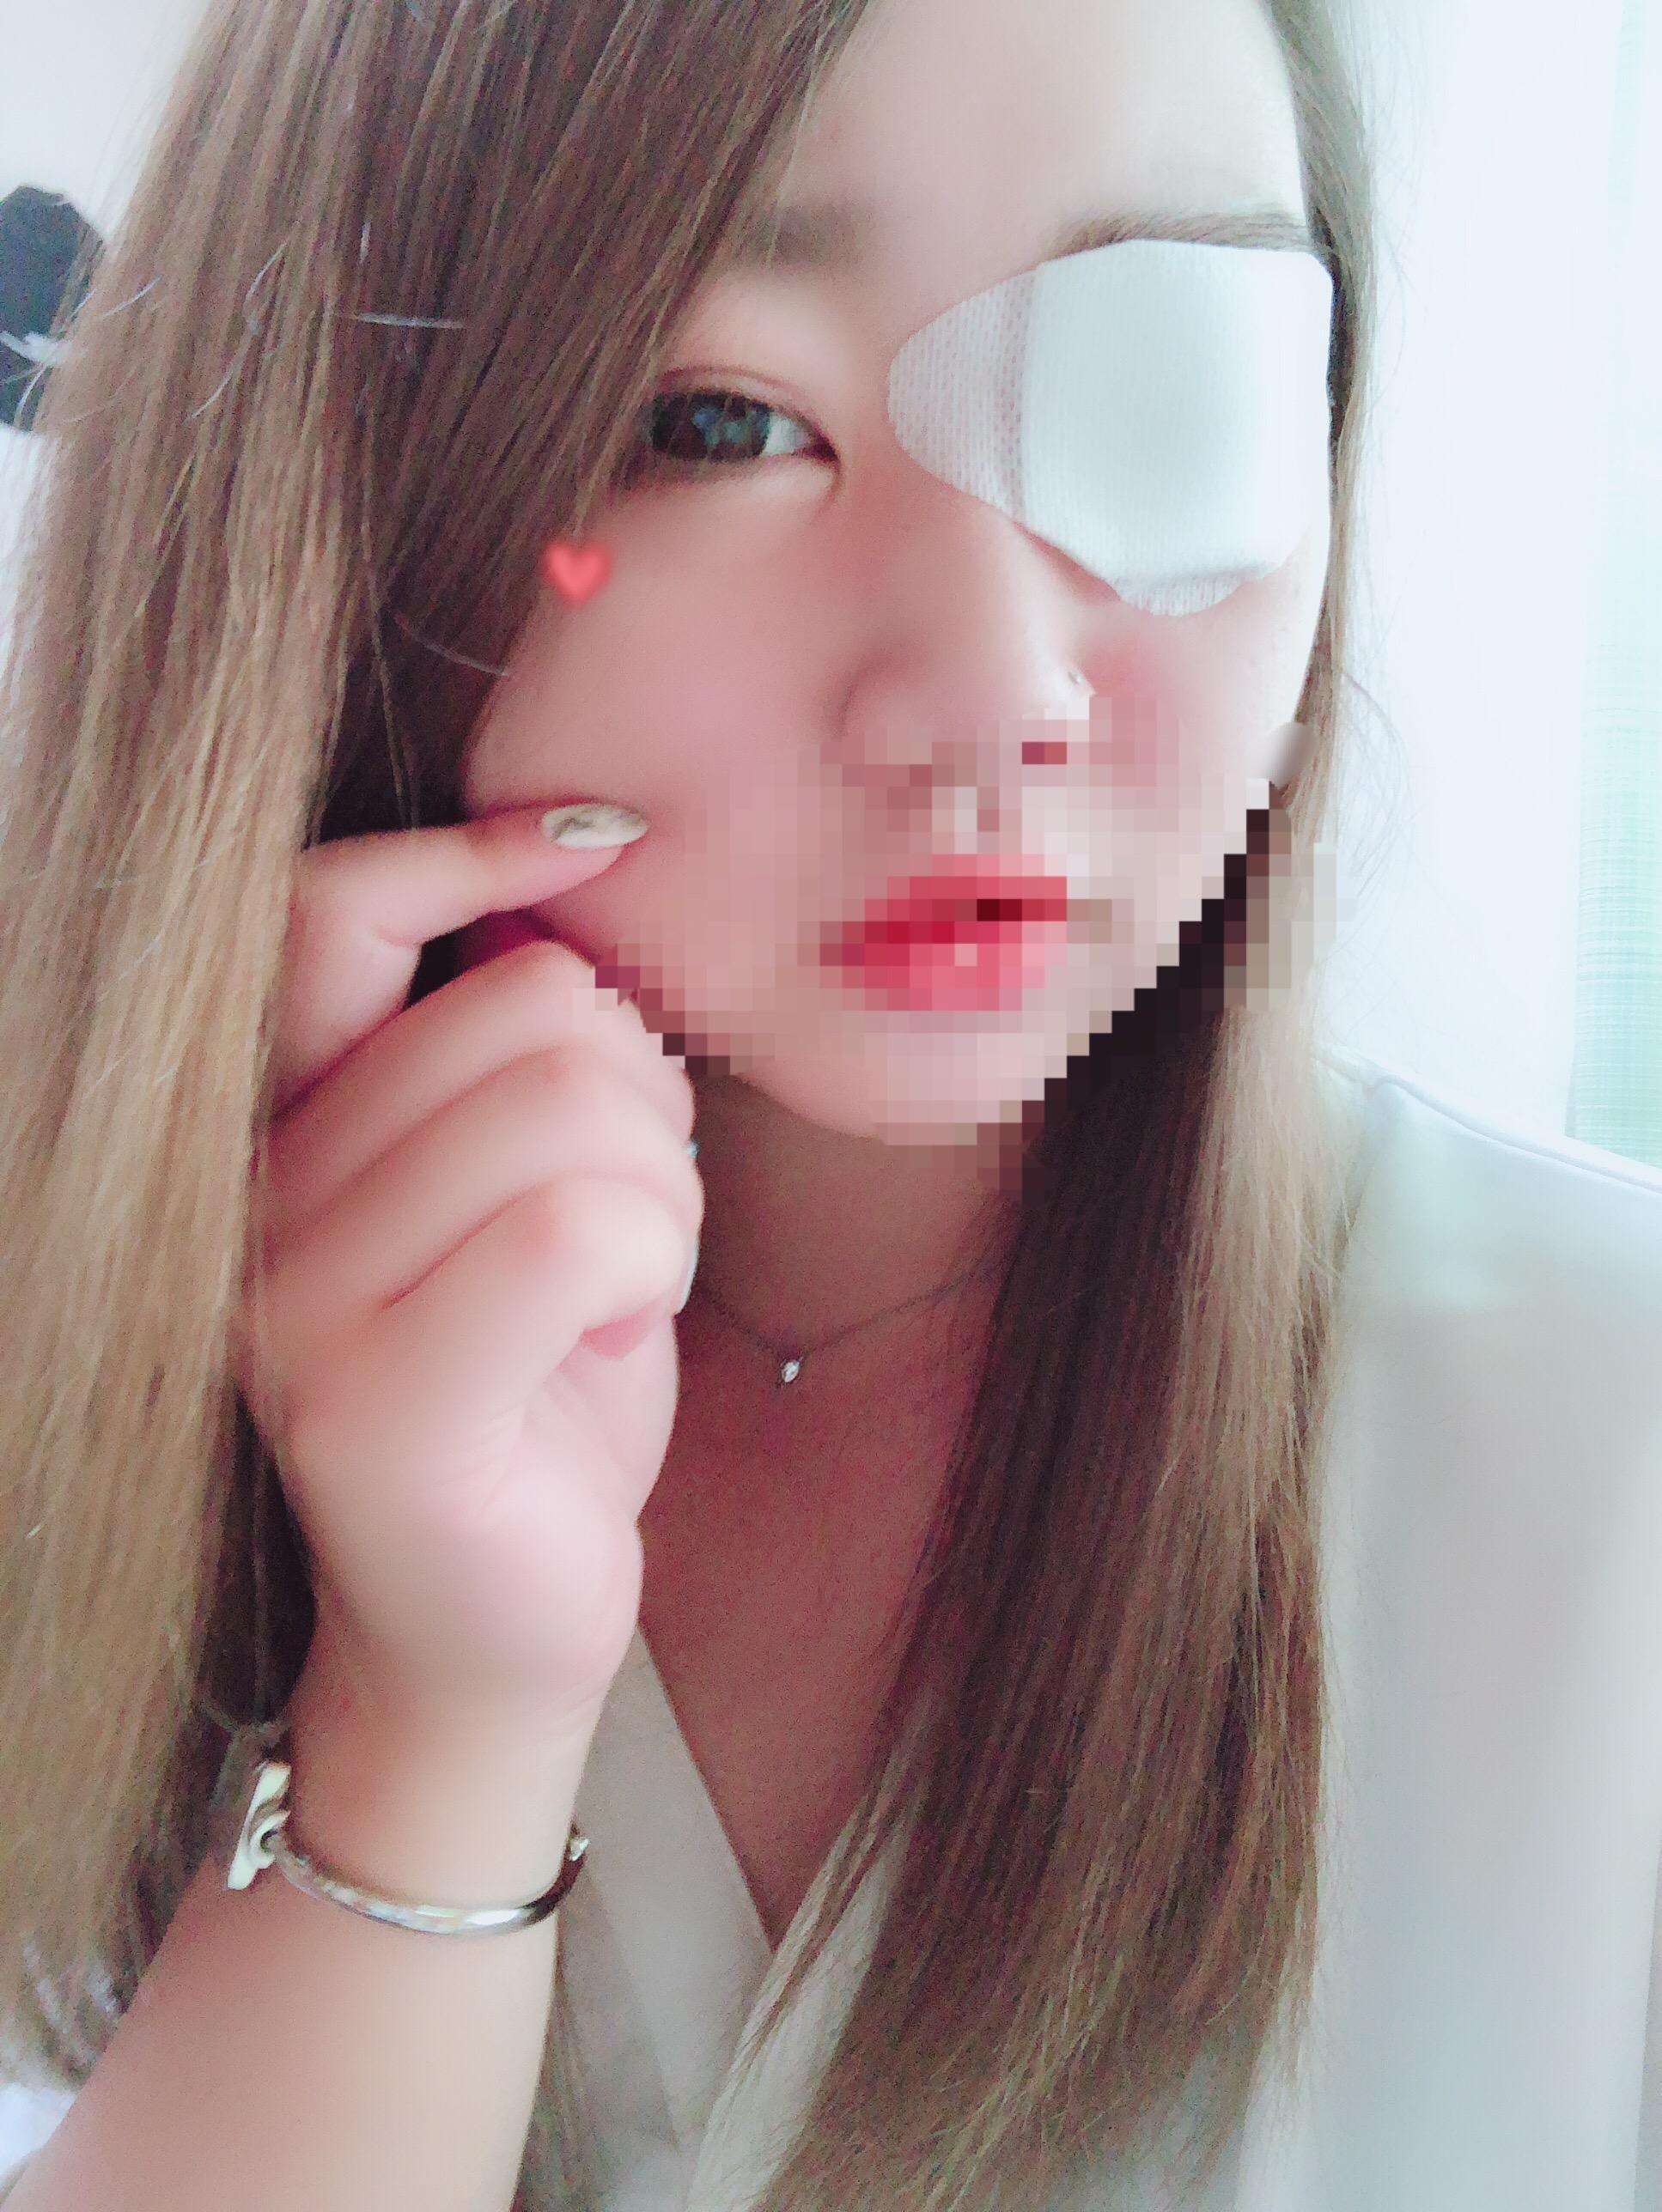 「♡♡♡」06/18(月) 10:07 | なのはの写メ・風俗動画